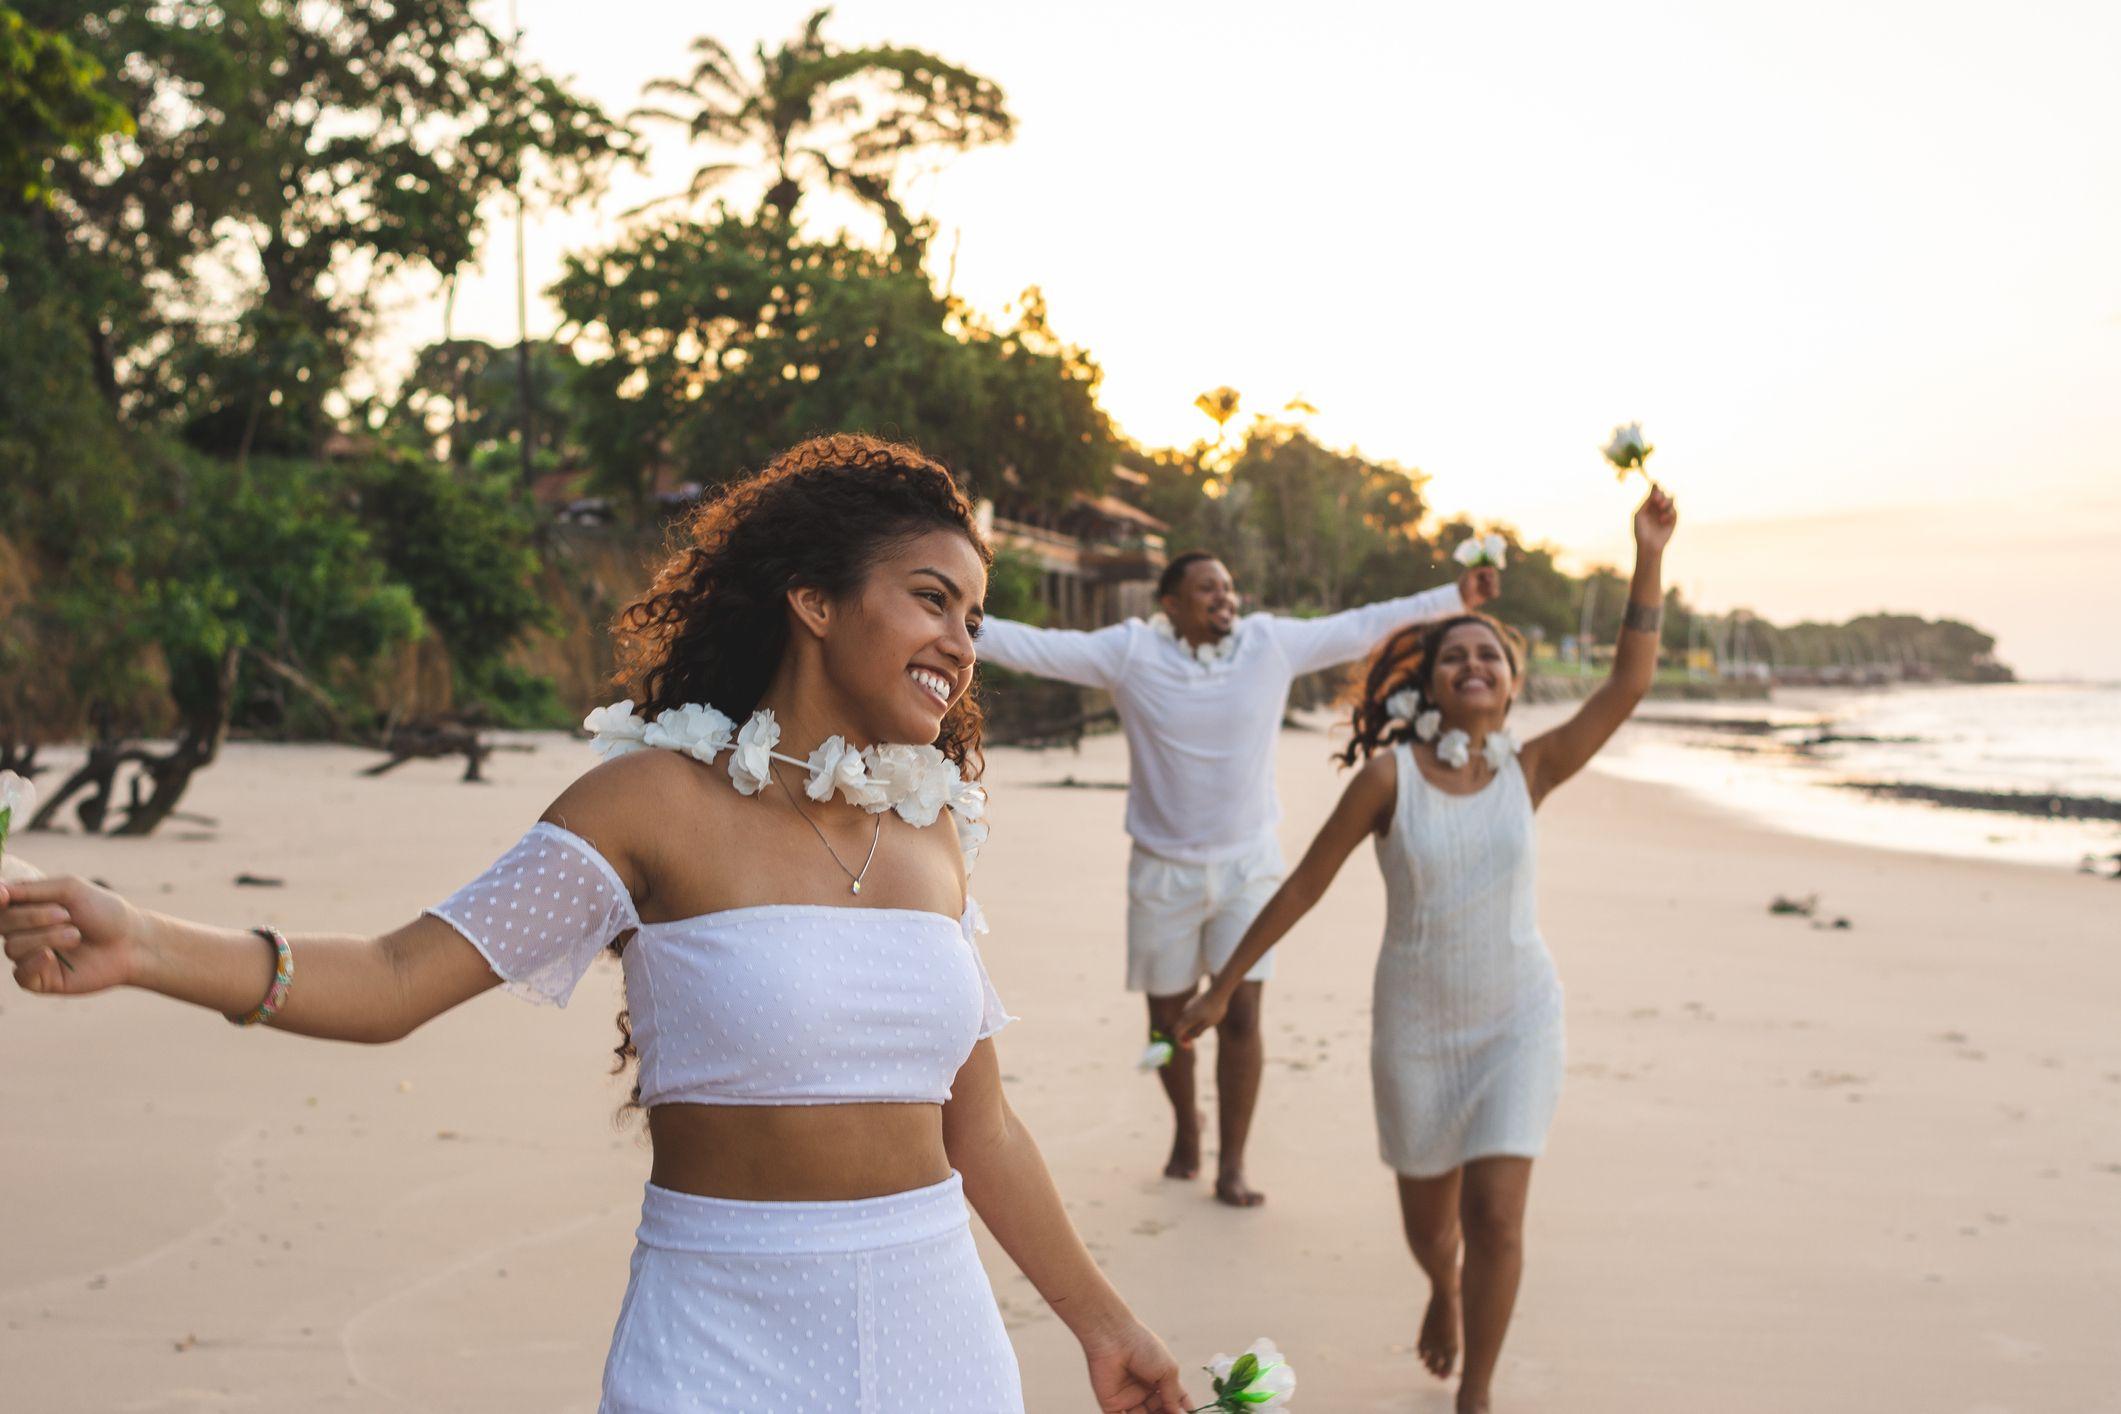 Heureux amis célébrant le réveillon sur la plage, courir et tenant des fleurs blanches paraiso beach, mosqueiro